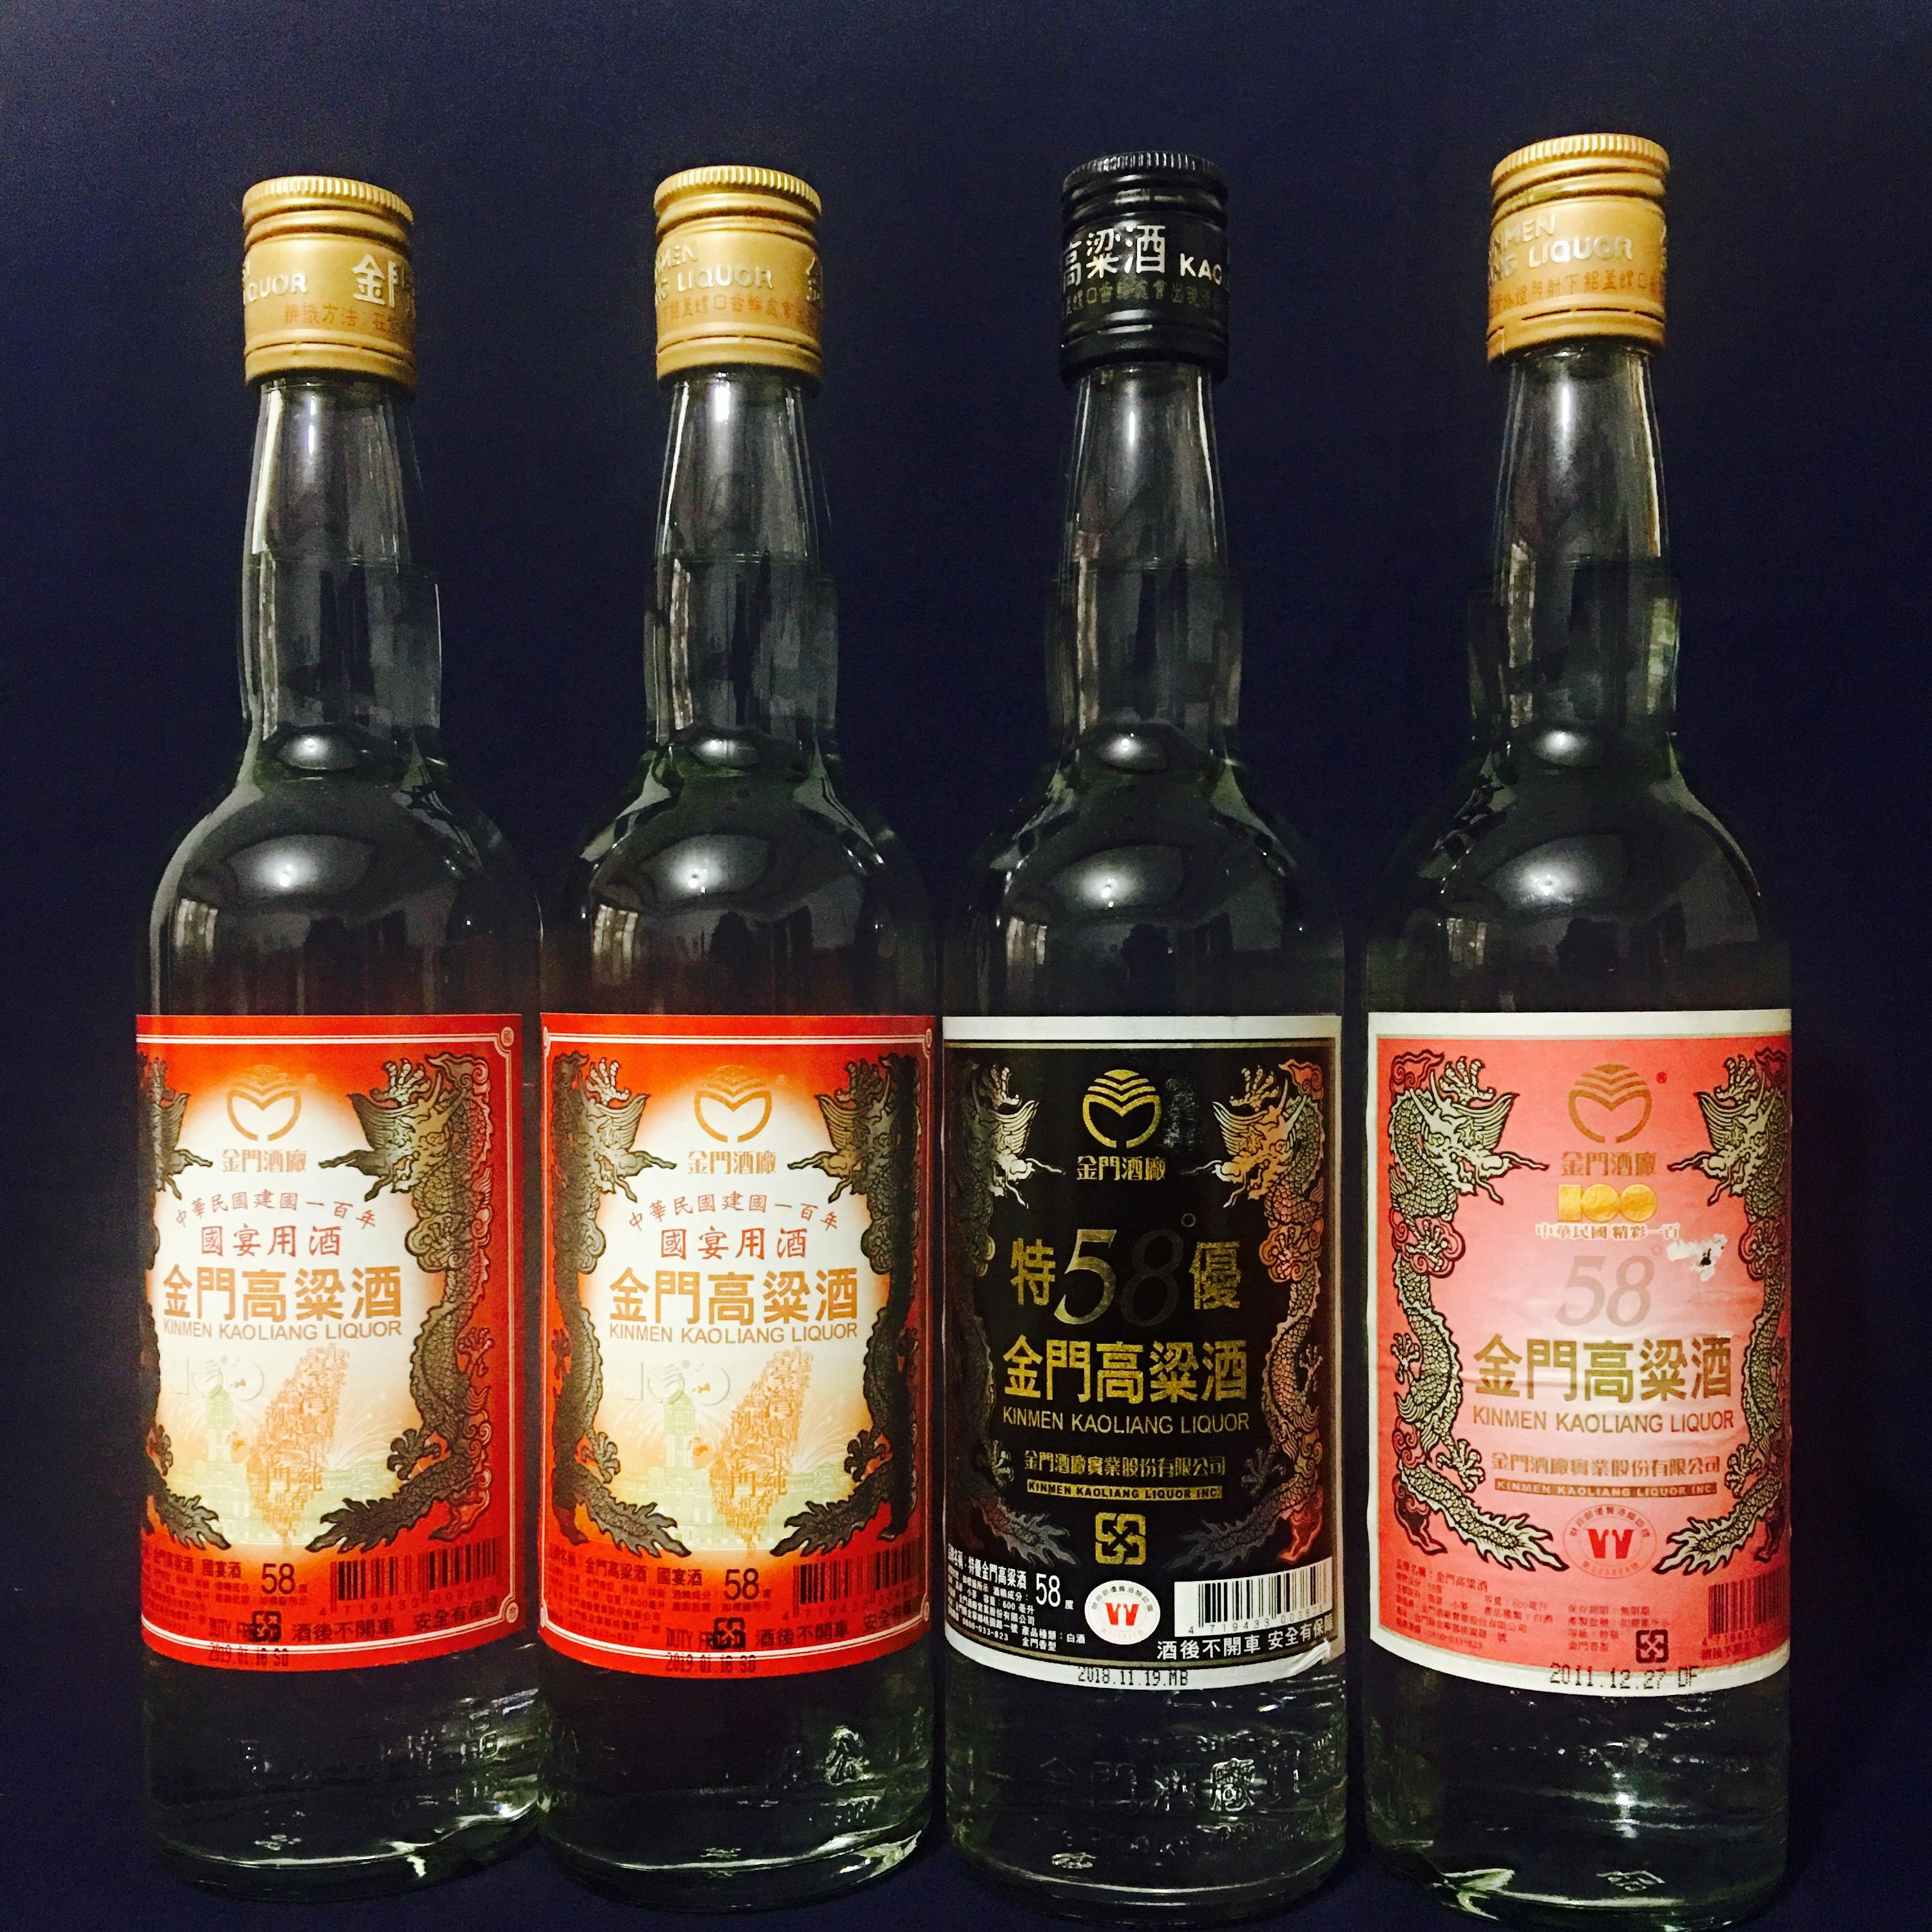 怎樣正確的人肉帶回一瓶臺灣金門高粱酒